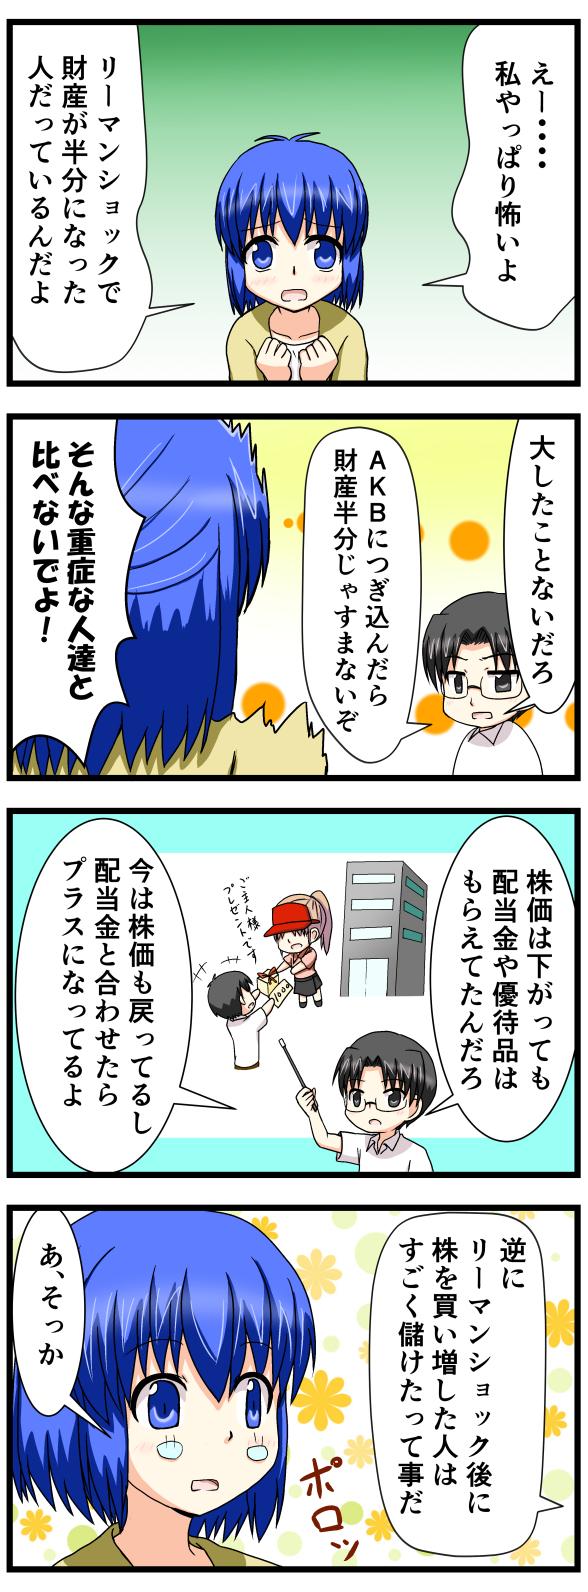 萌える株セミナー6.jpg